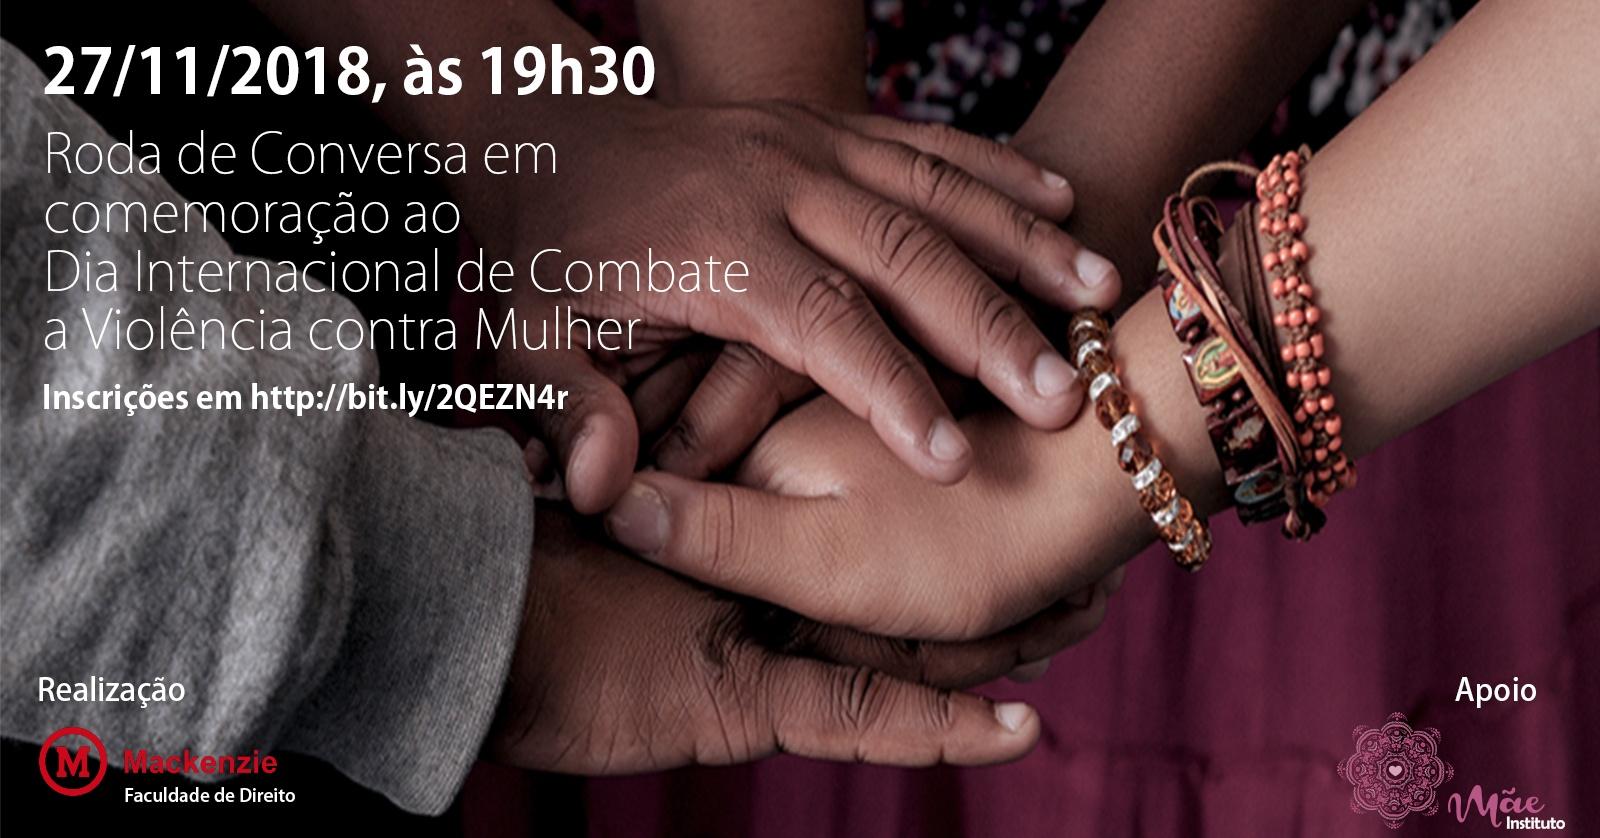 8b12f3e28d6 Roda de Conversa em comemoração ao Dia Internacional de Combate a Violência contra  Mulher - Sympla